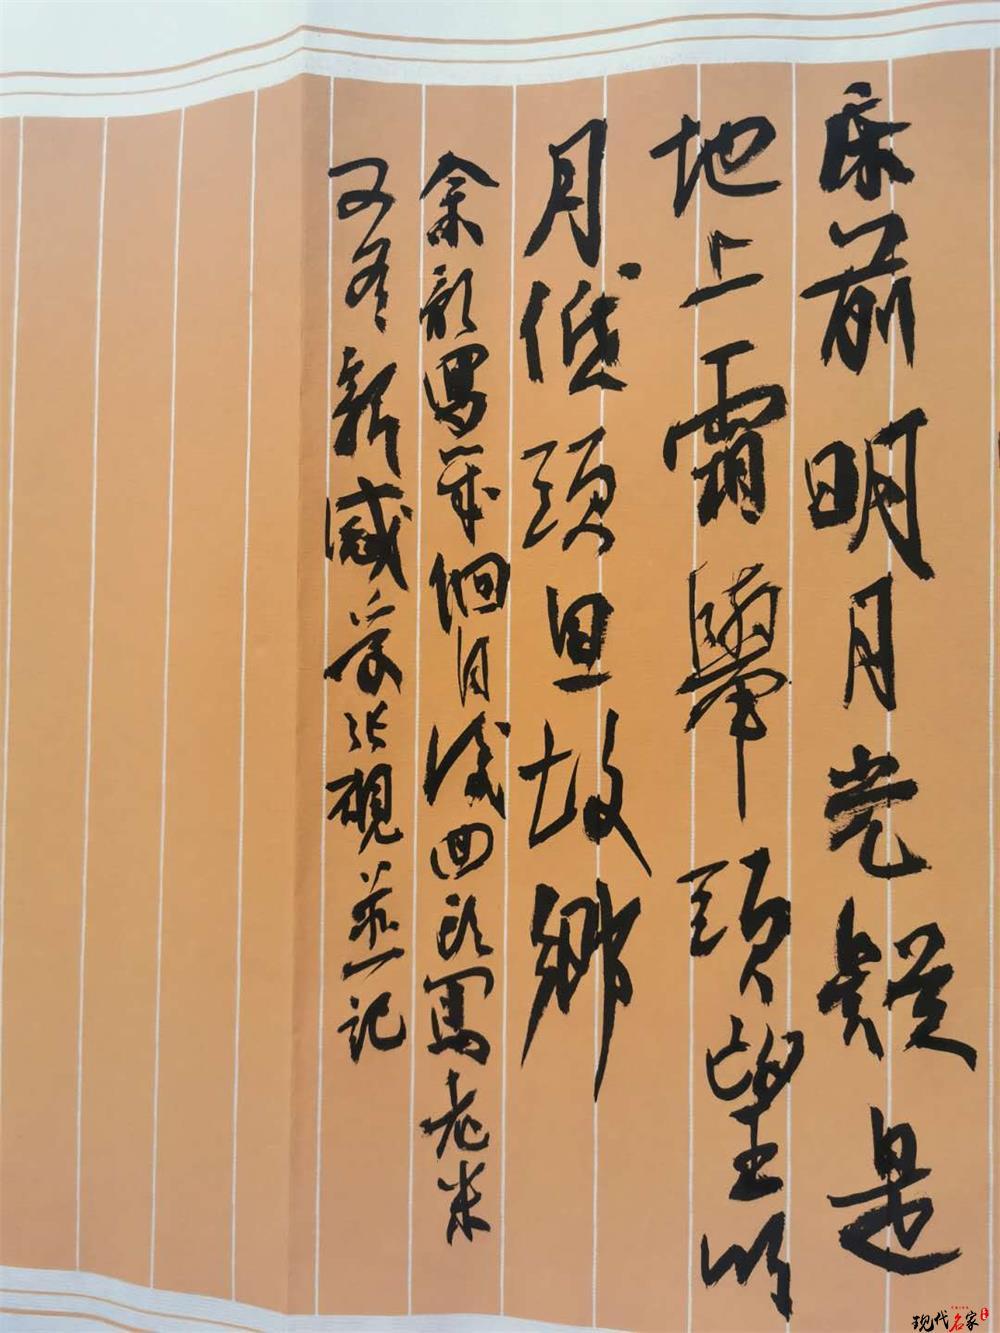 中国现代书法家——张砚、柯金泉、叶挺英、詹锡尔、李敏智、汪卫政、缪彦宗、赵纯德、石城、潘忠敏-第2张